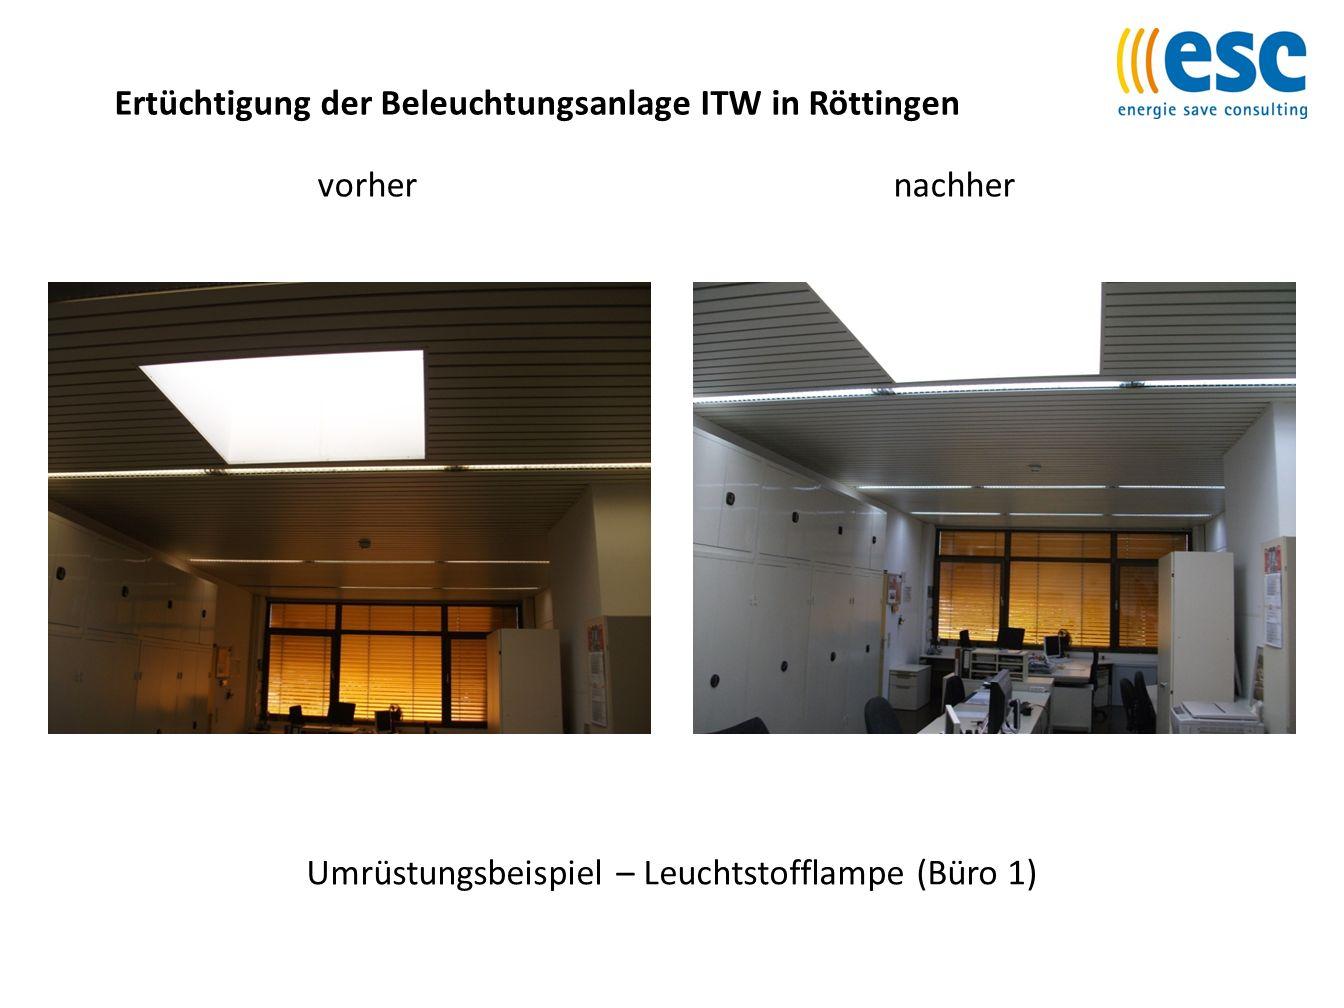 Ertüchtigung der Beleuchtungsanlage ITW in Röttingen Umrüstungsbeispiele - Büro